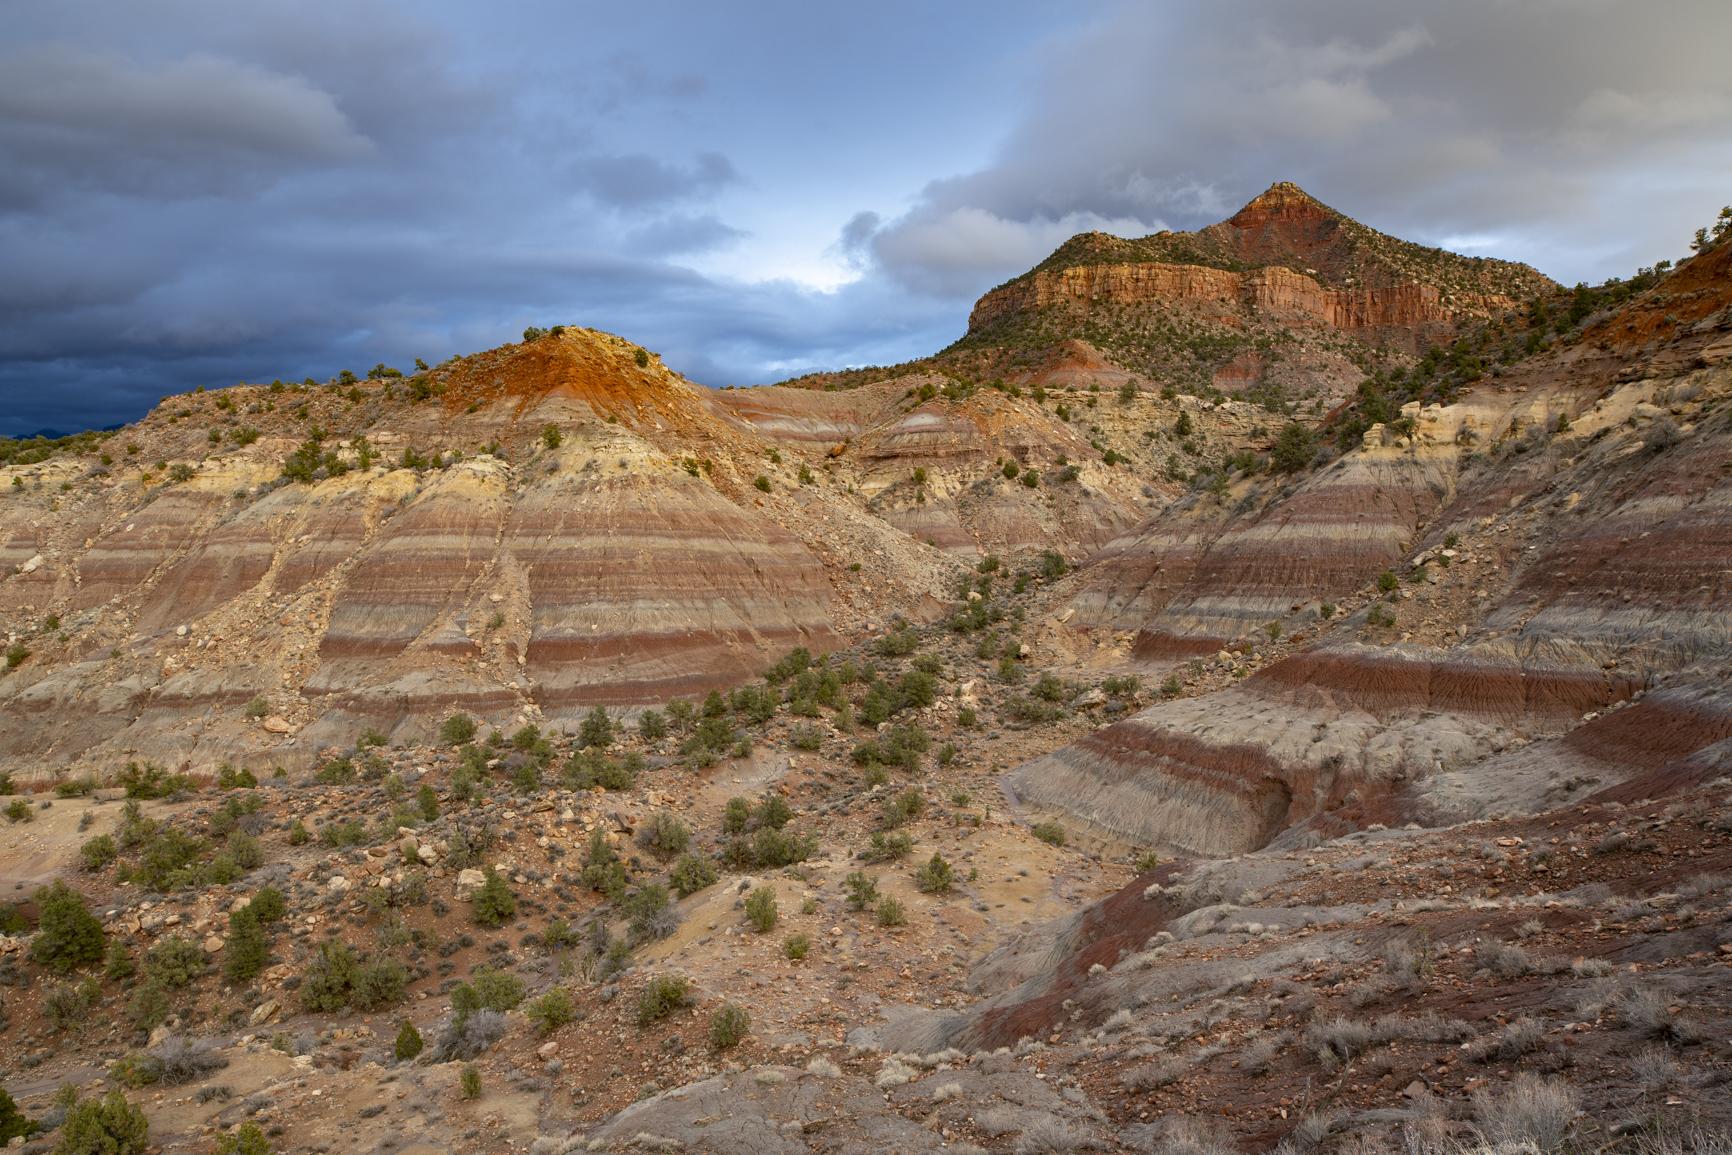 Southern Utah Landscape at Sunset